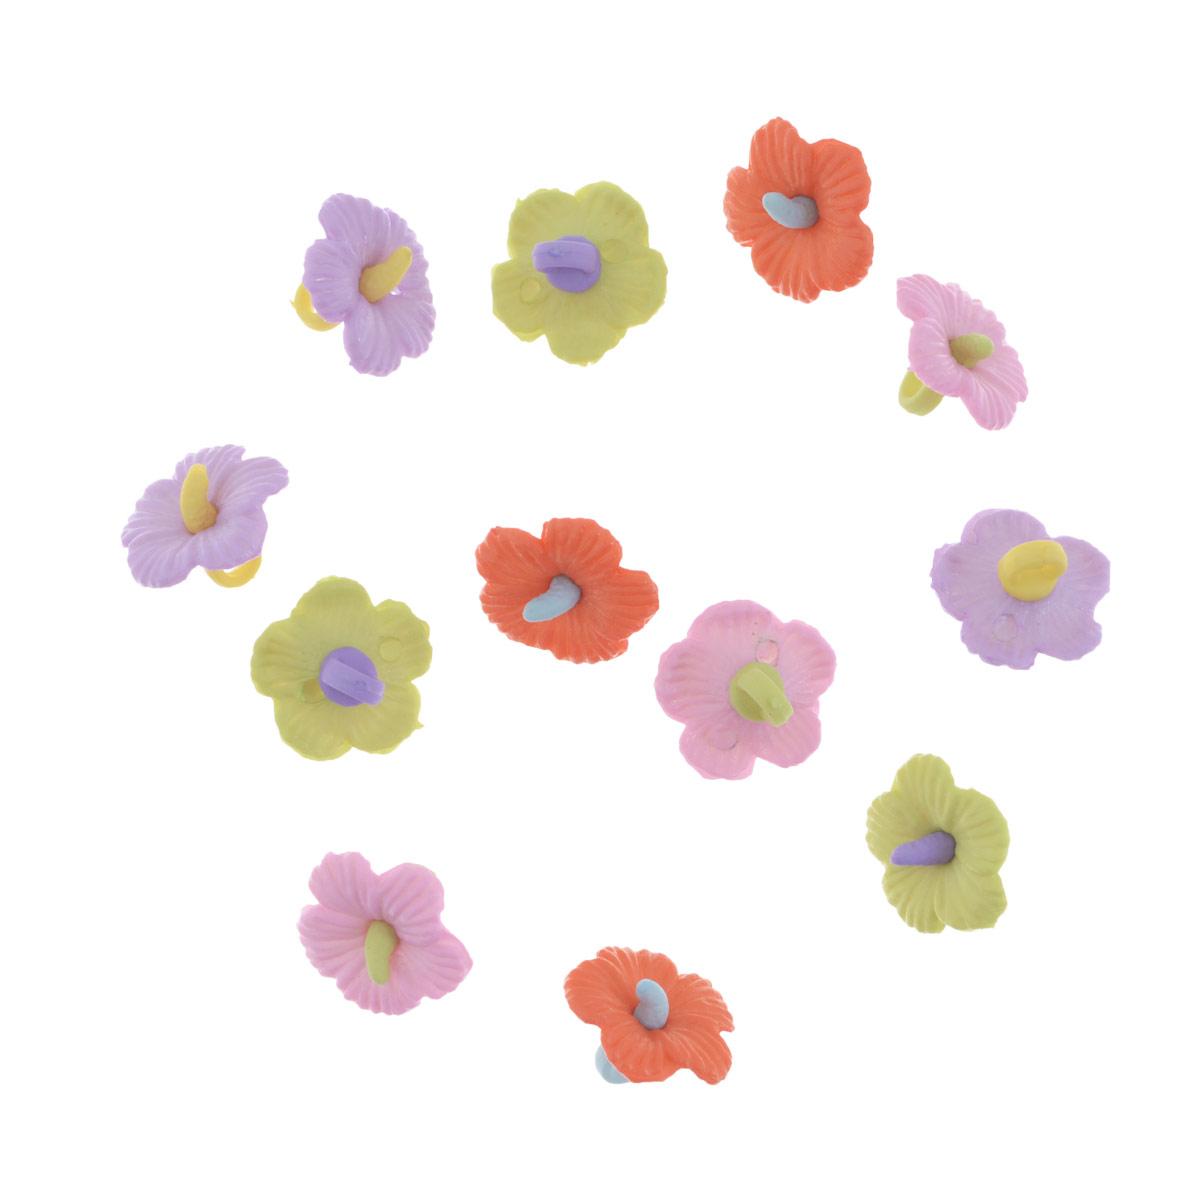 Пуговицы декоративные Buttons Galore & More Hawaiian Flowers, 12 шт7705952Набор Buttons Galore & More Hawaiian Flowers состоит из 12 декоративных пуговиц на ножке. Все элементы выполнены из пластика в форме цветов. Такие пуговицы подходят для любых видов творчества: скрапбукинга, декорирования, шитья, изготовления кукол, а также для оформления одежды. С их помощью вы сможете украсить открытку, фотографию, альбом, подарок и другие предметы ручной работы. Пуговицы разных цветов имеют оригинальный и яркий дизайн.